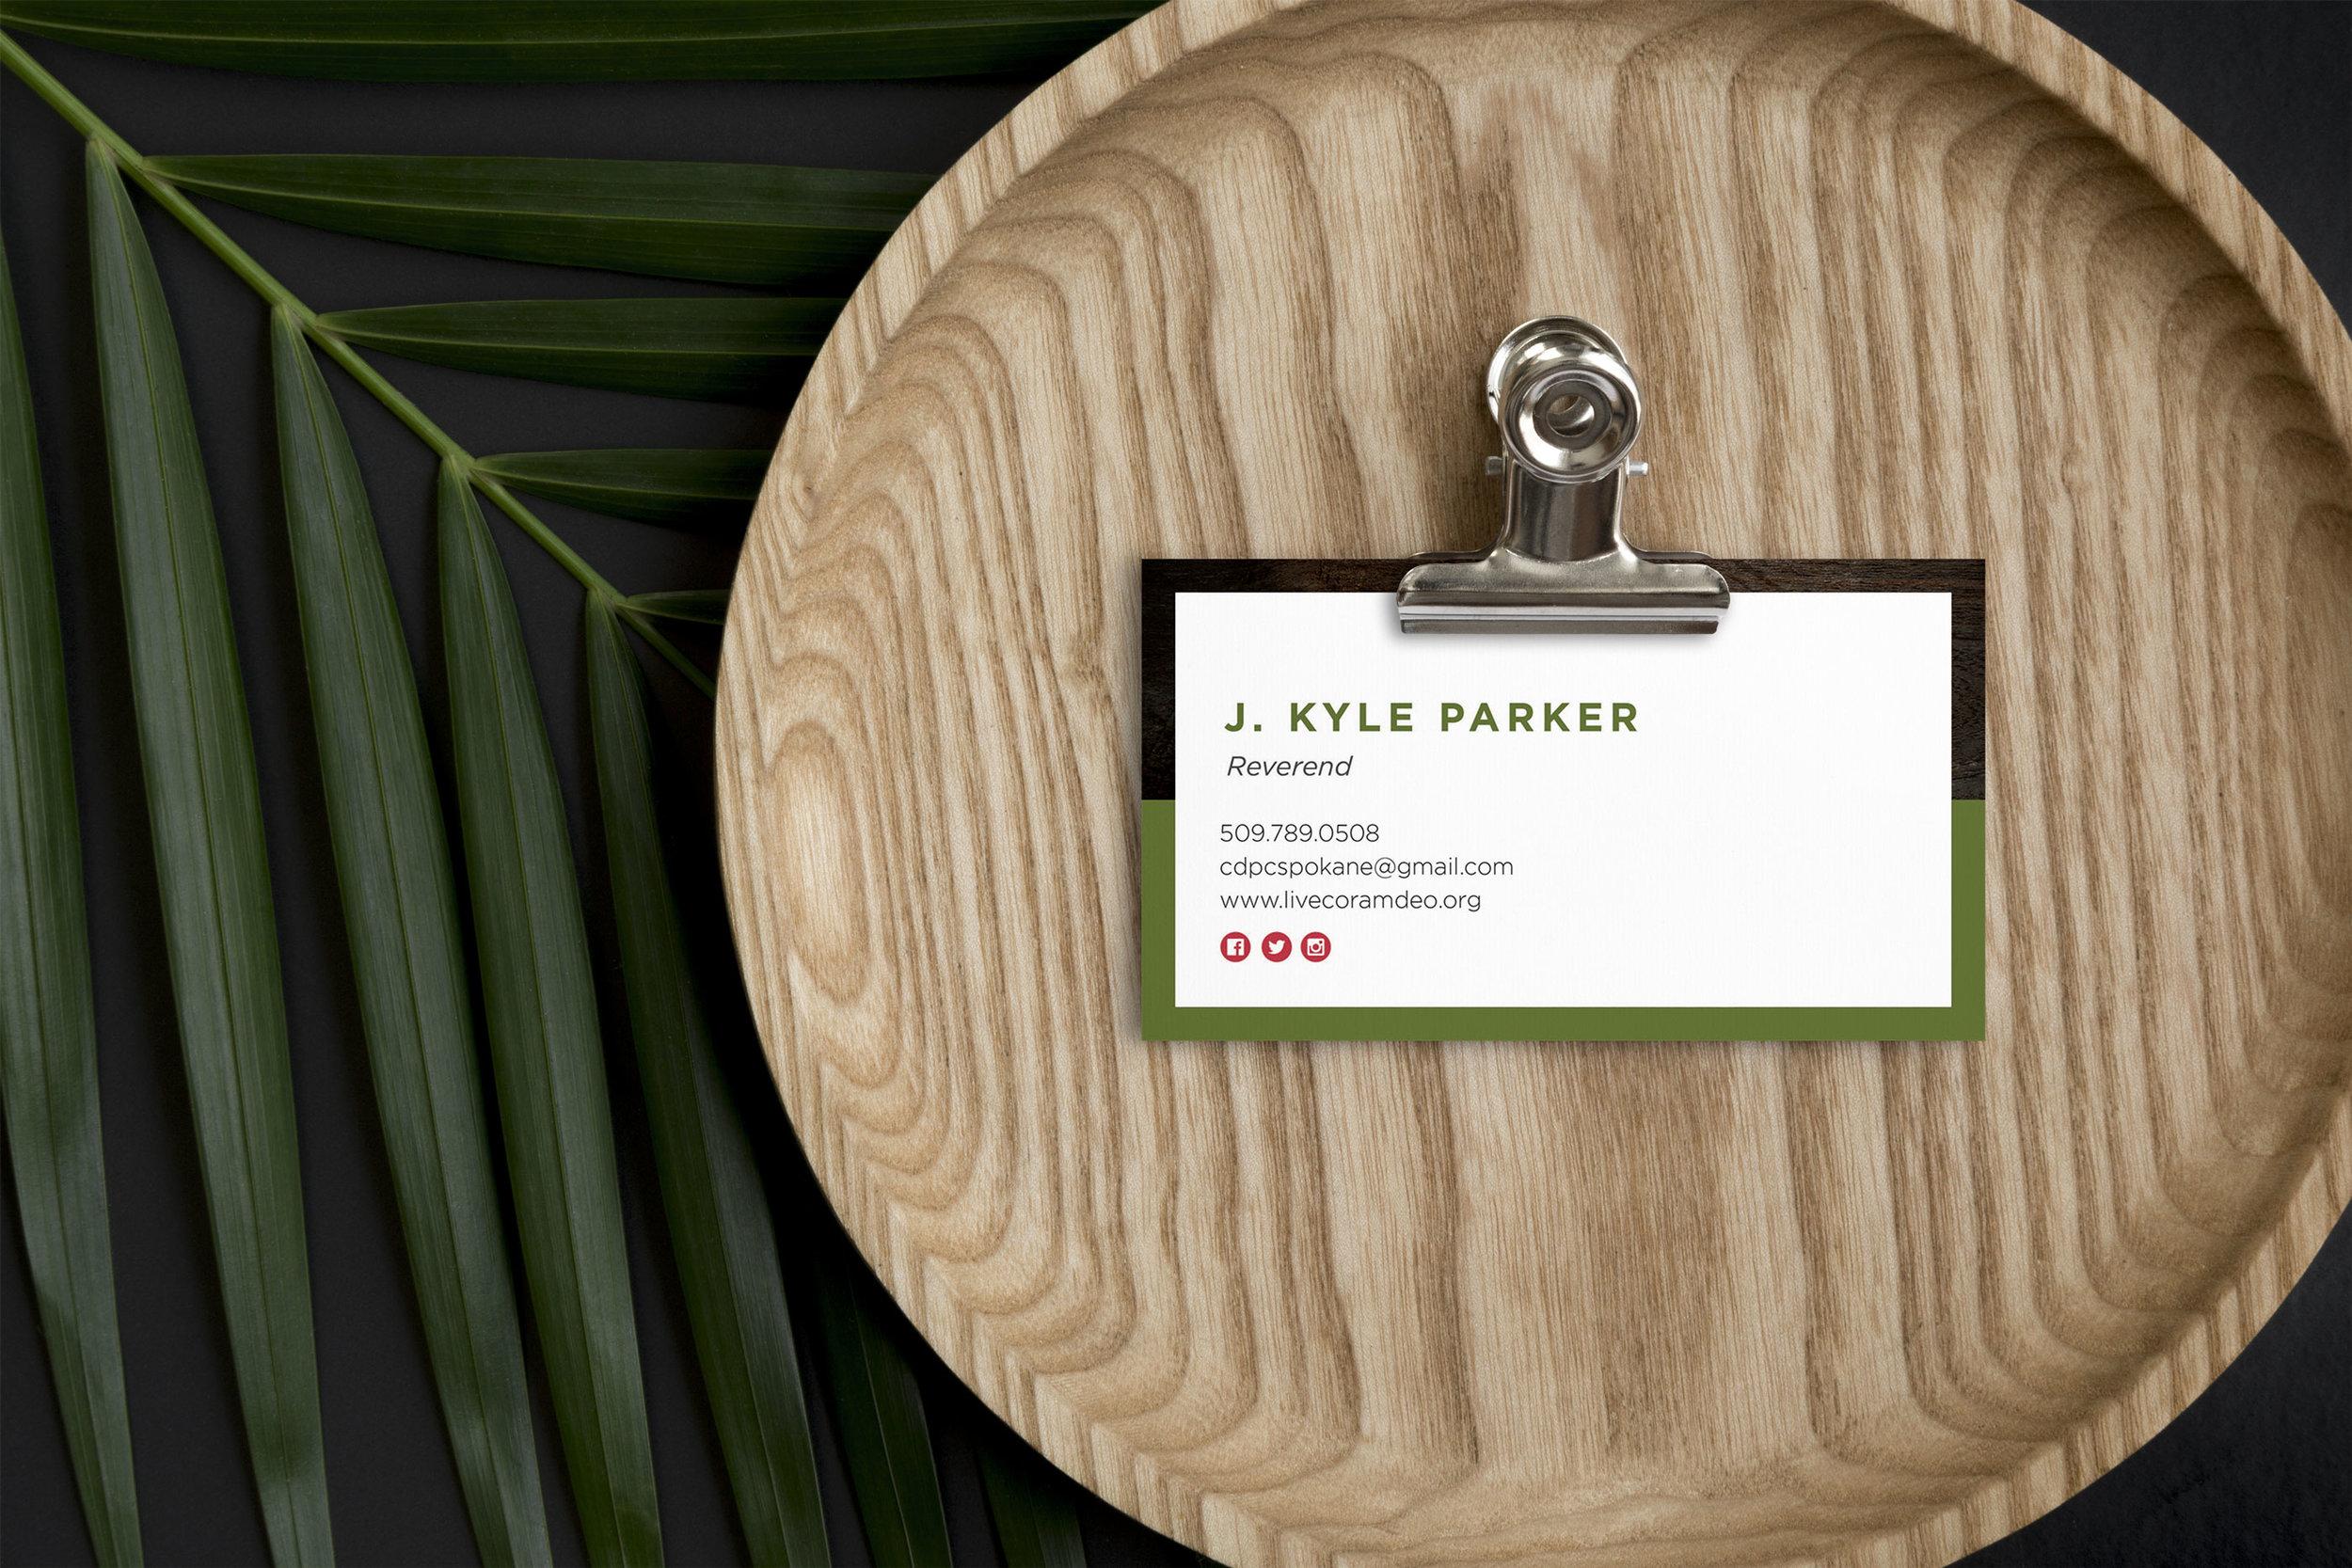 Parker-Business-Card-Mockup1.jpg